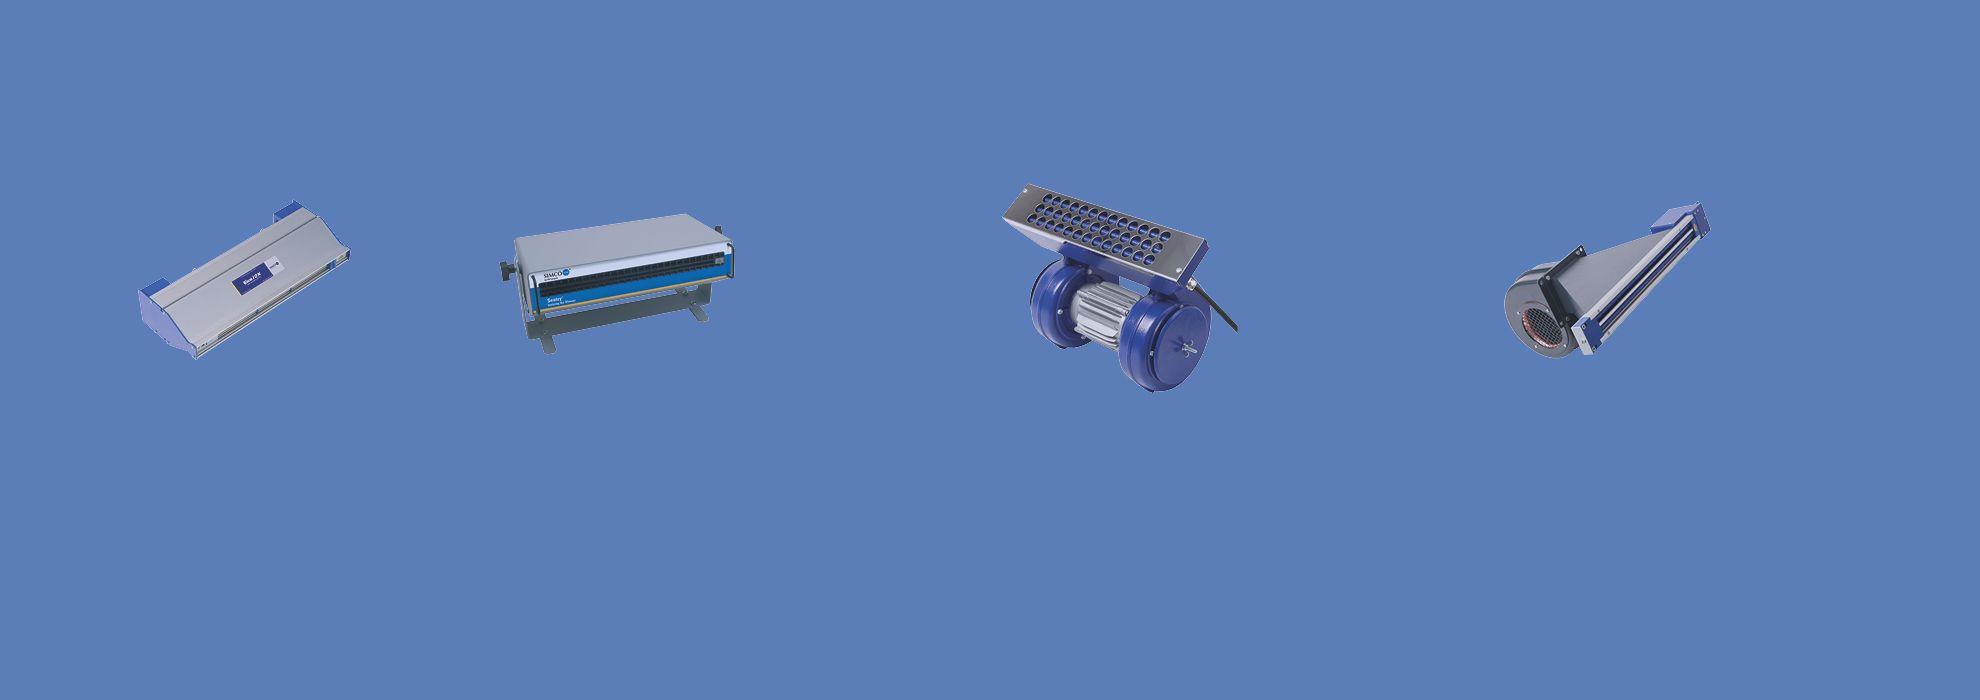 Souffleries ionisantes for Enlever l electricite statique